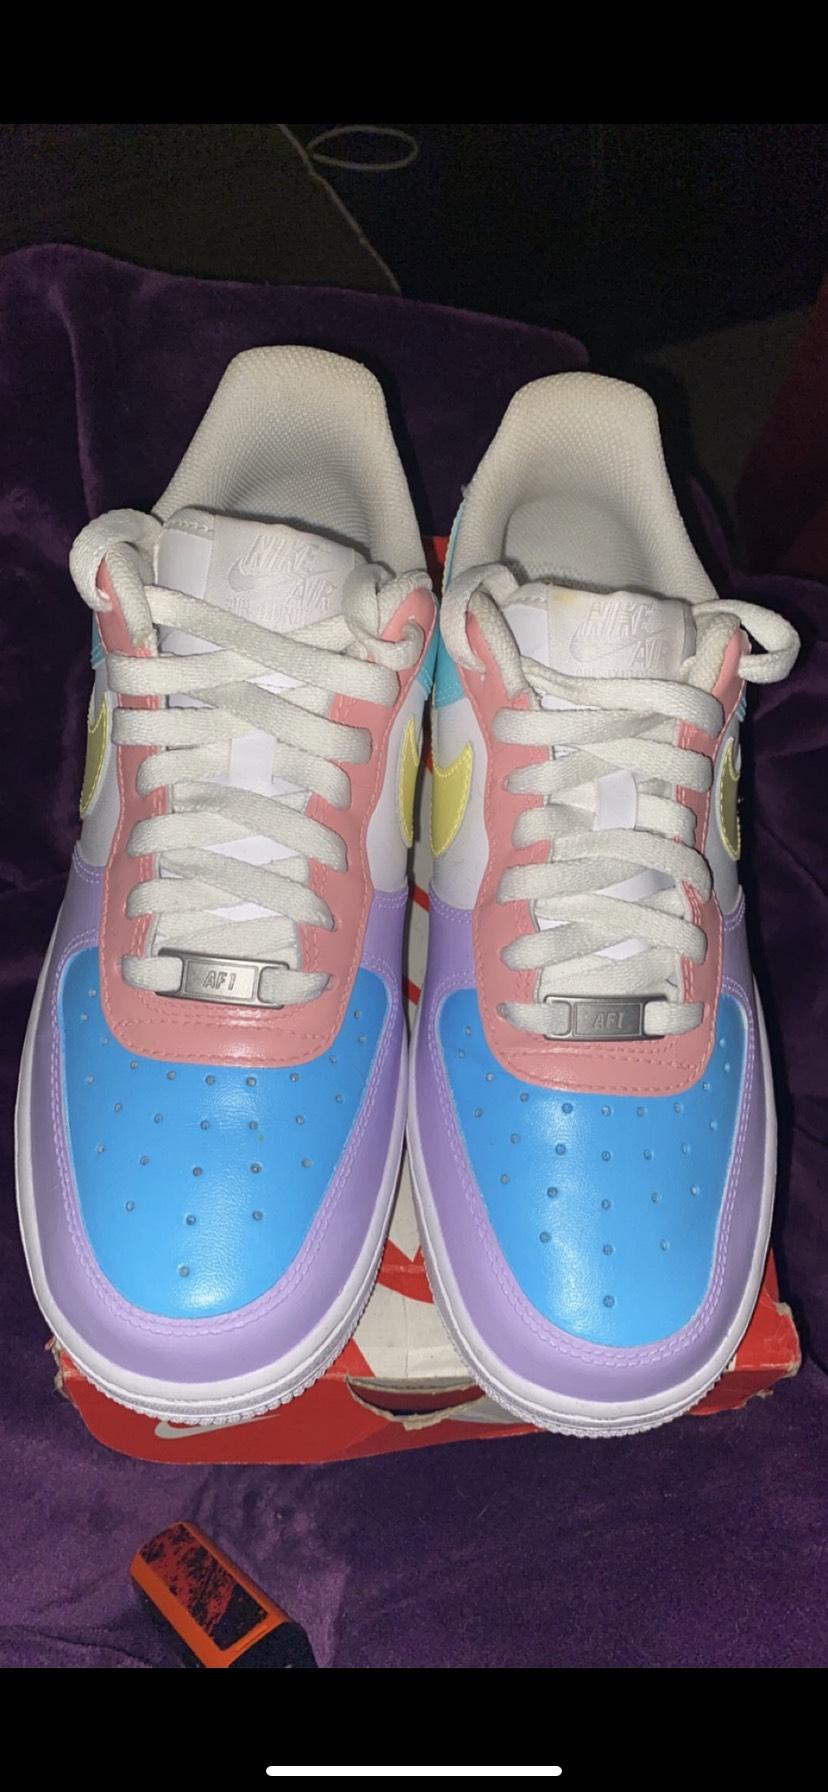 Nike - $160 - Size 8